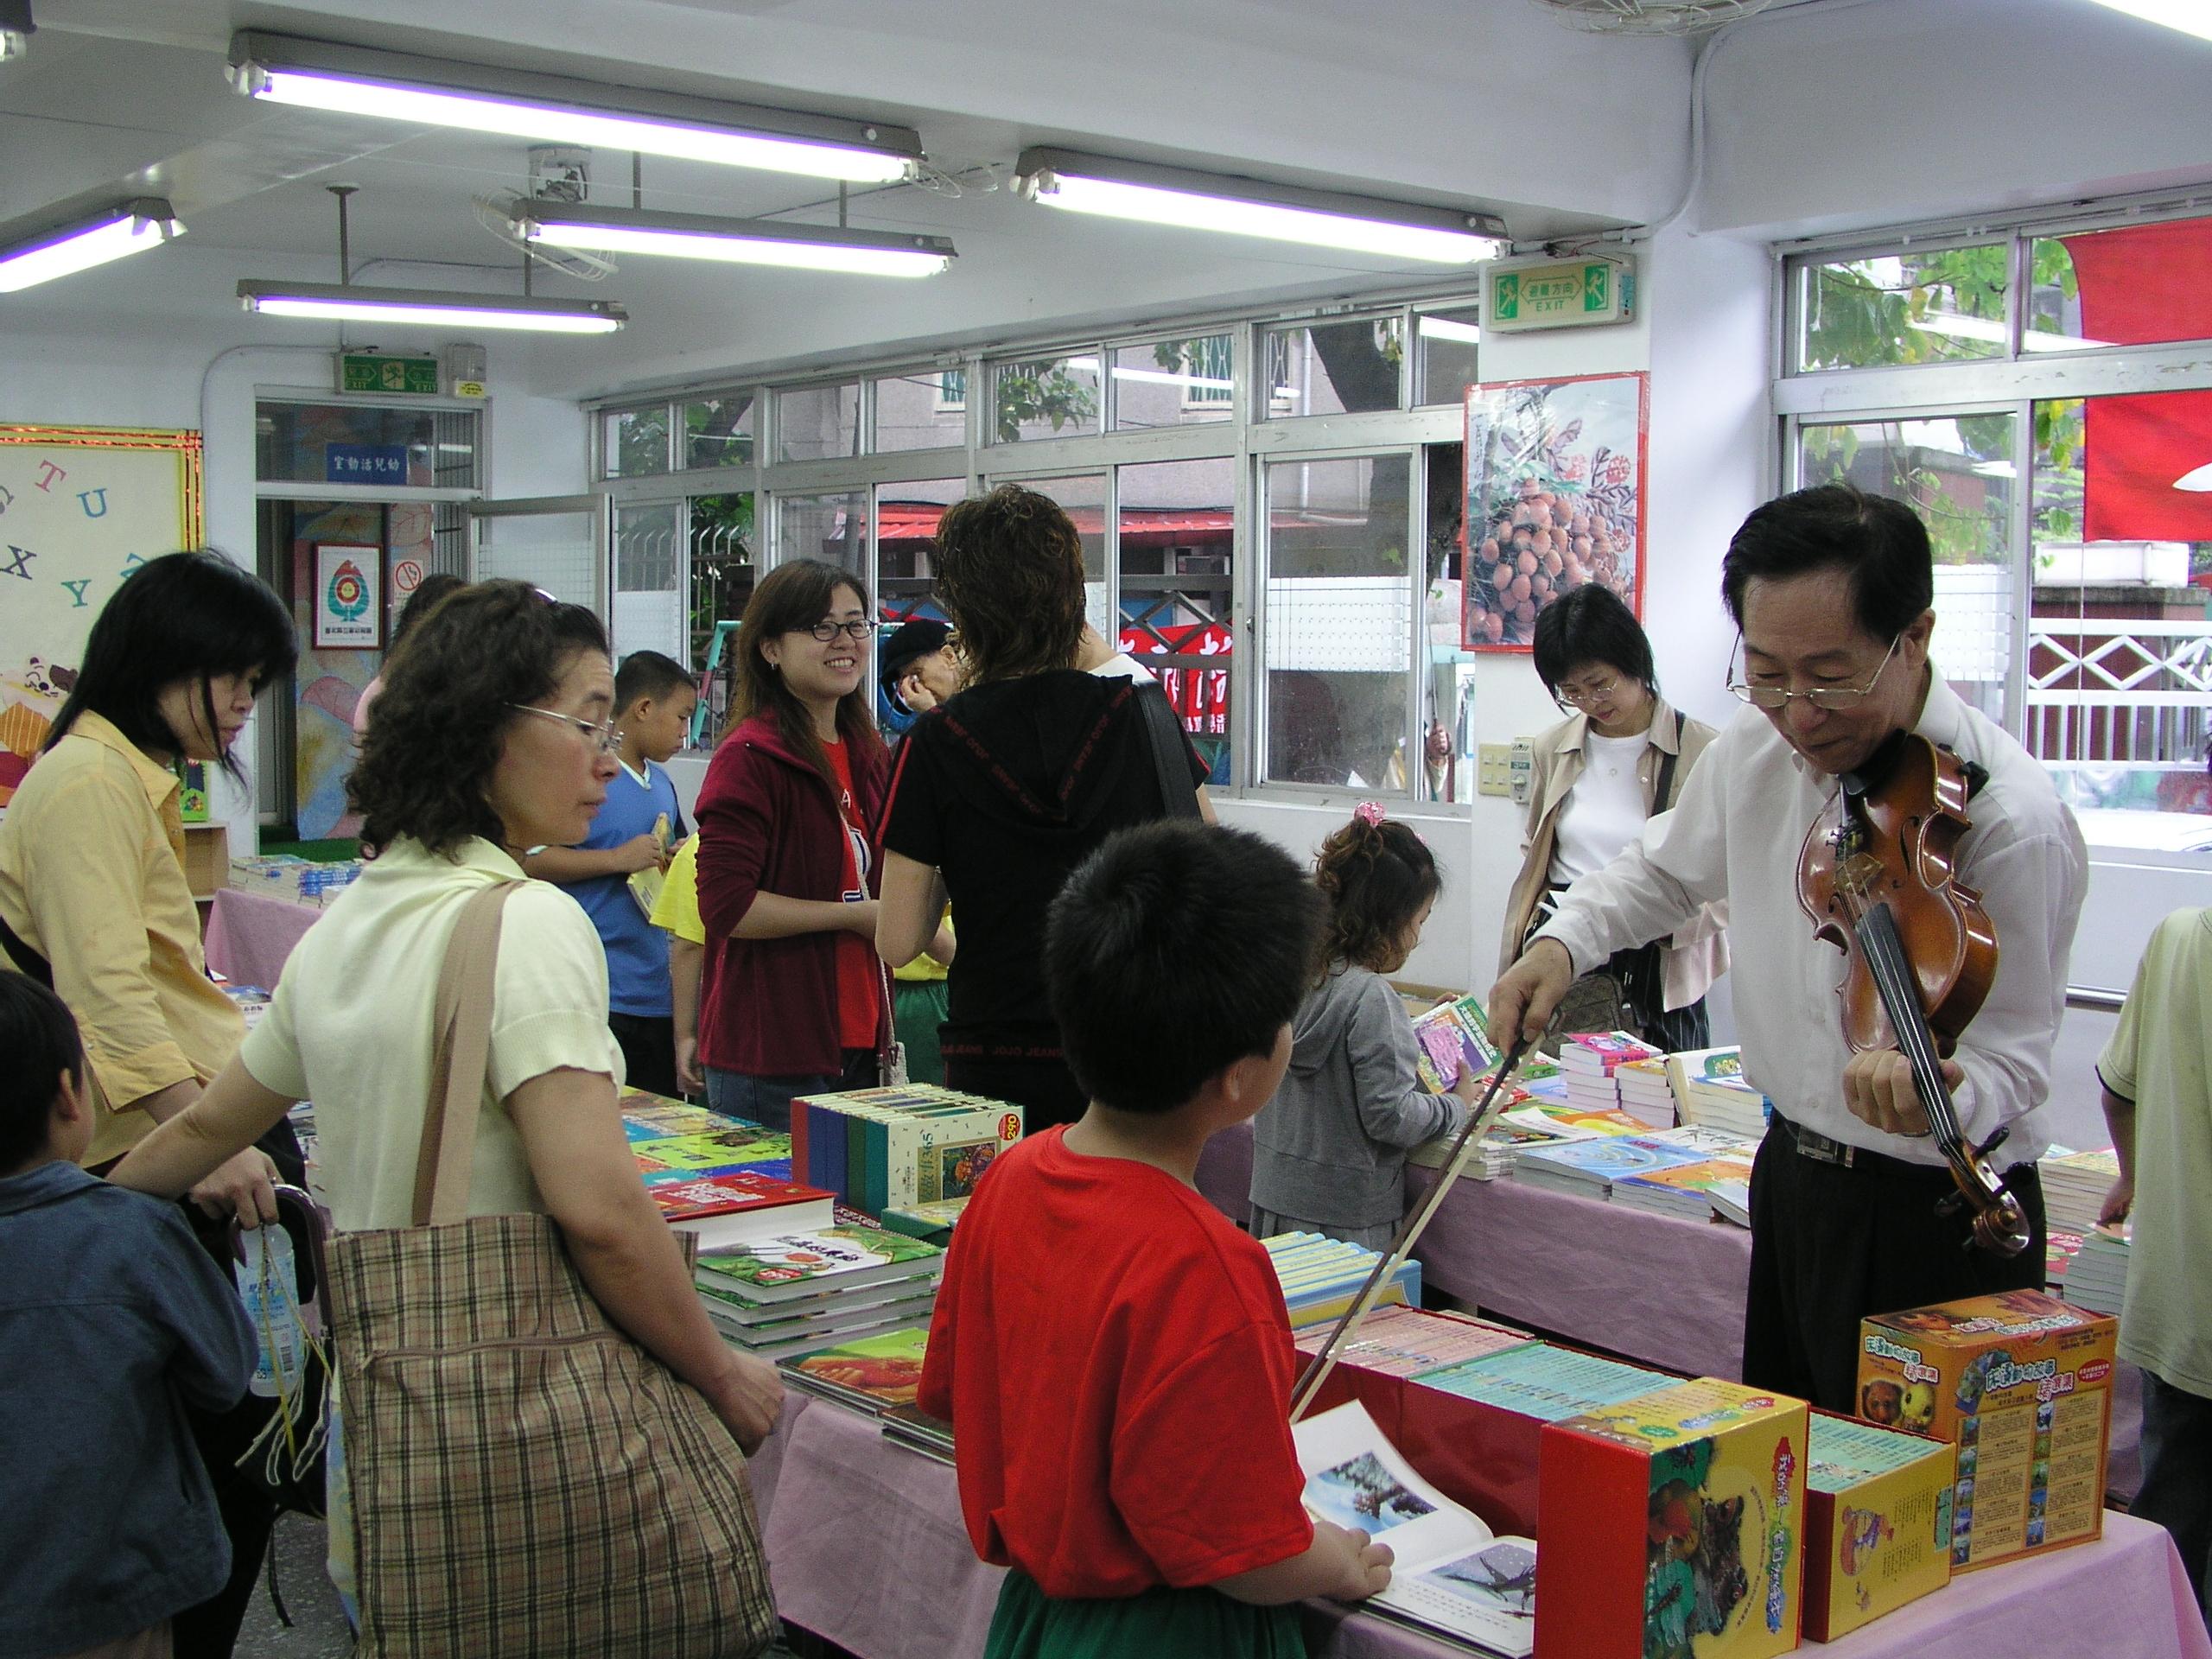 活動中心還有書展,也是許多家長懶得走動時,都會在裡面休息。